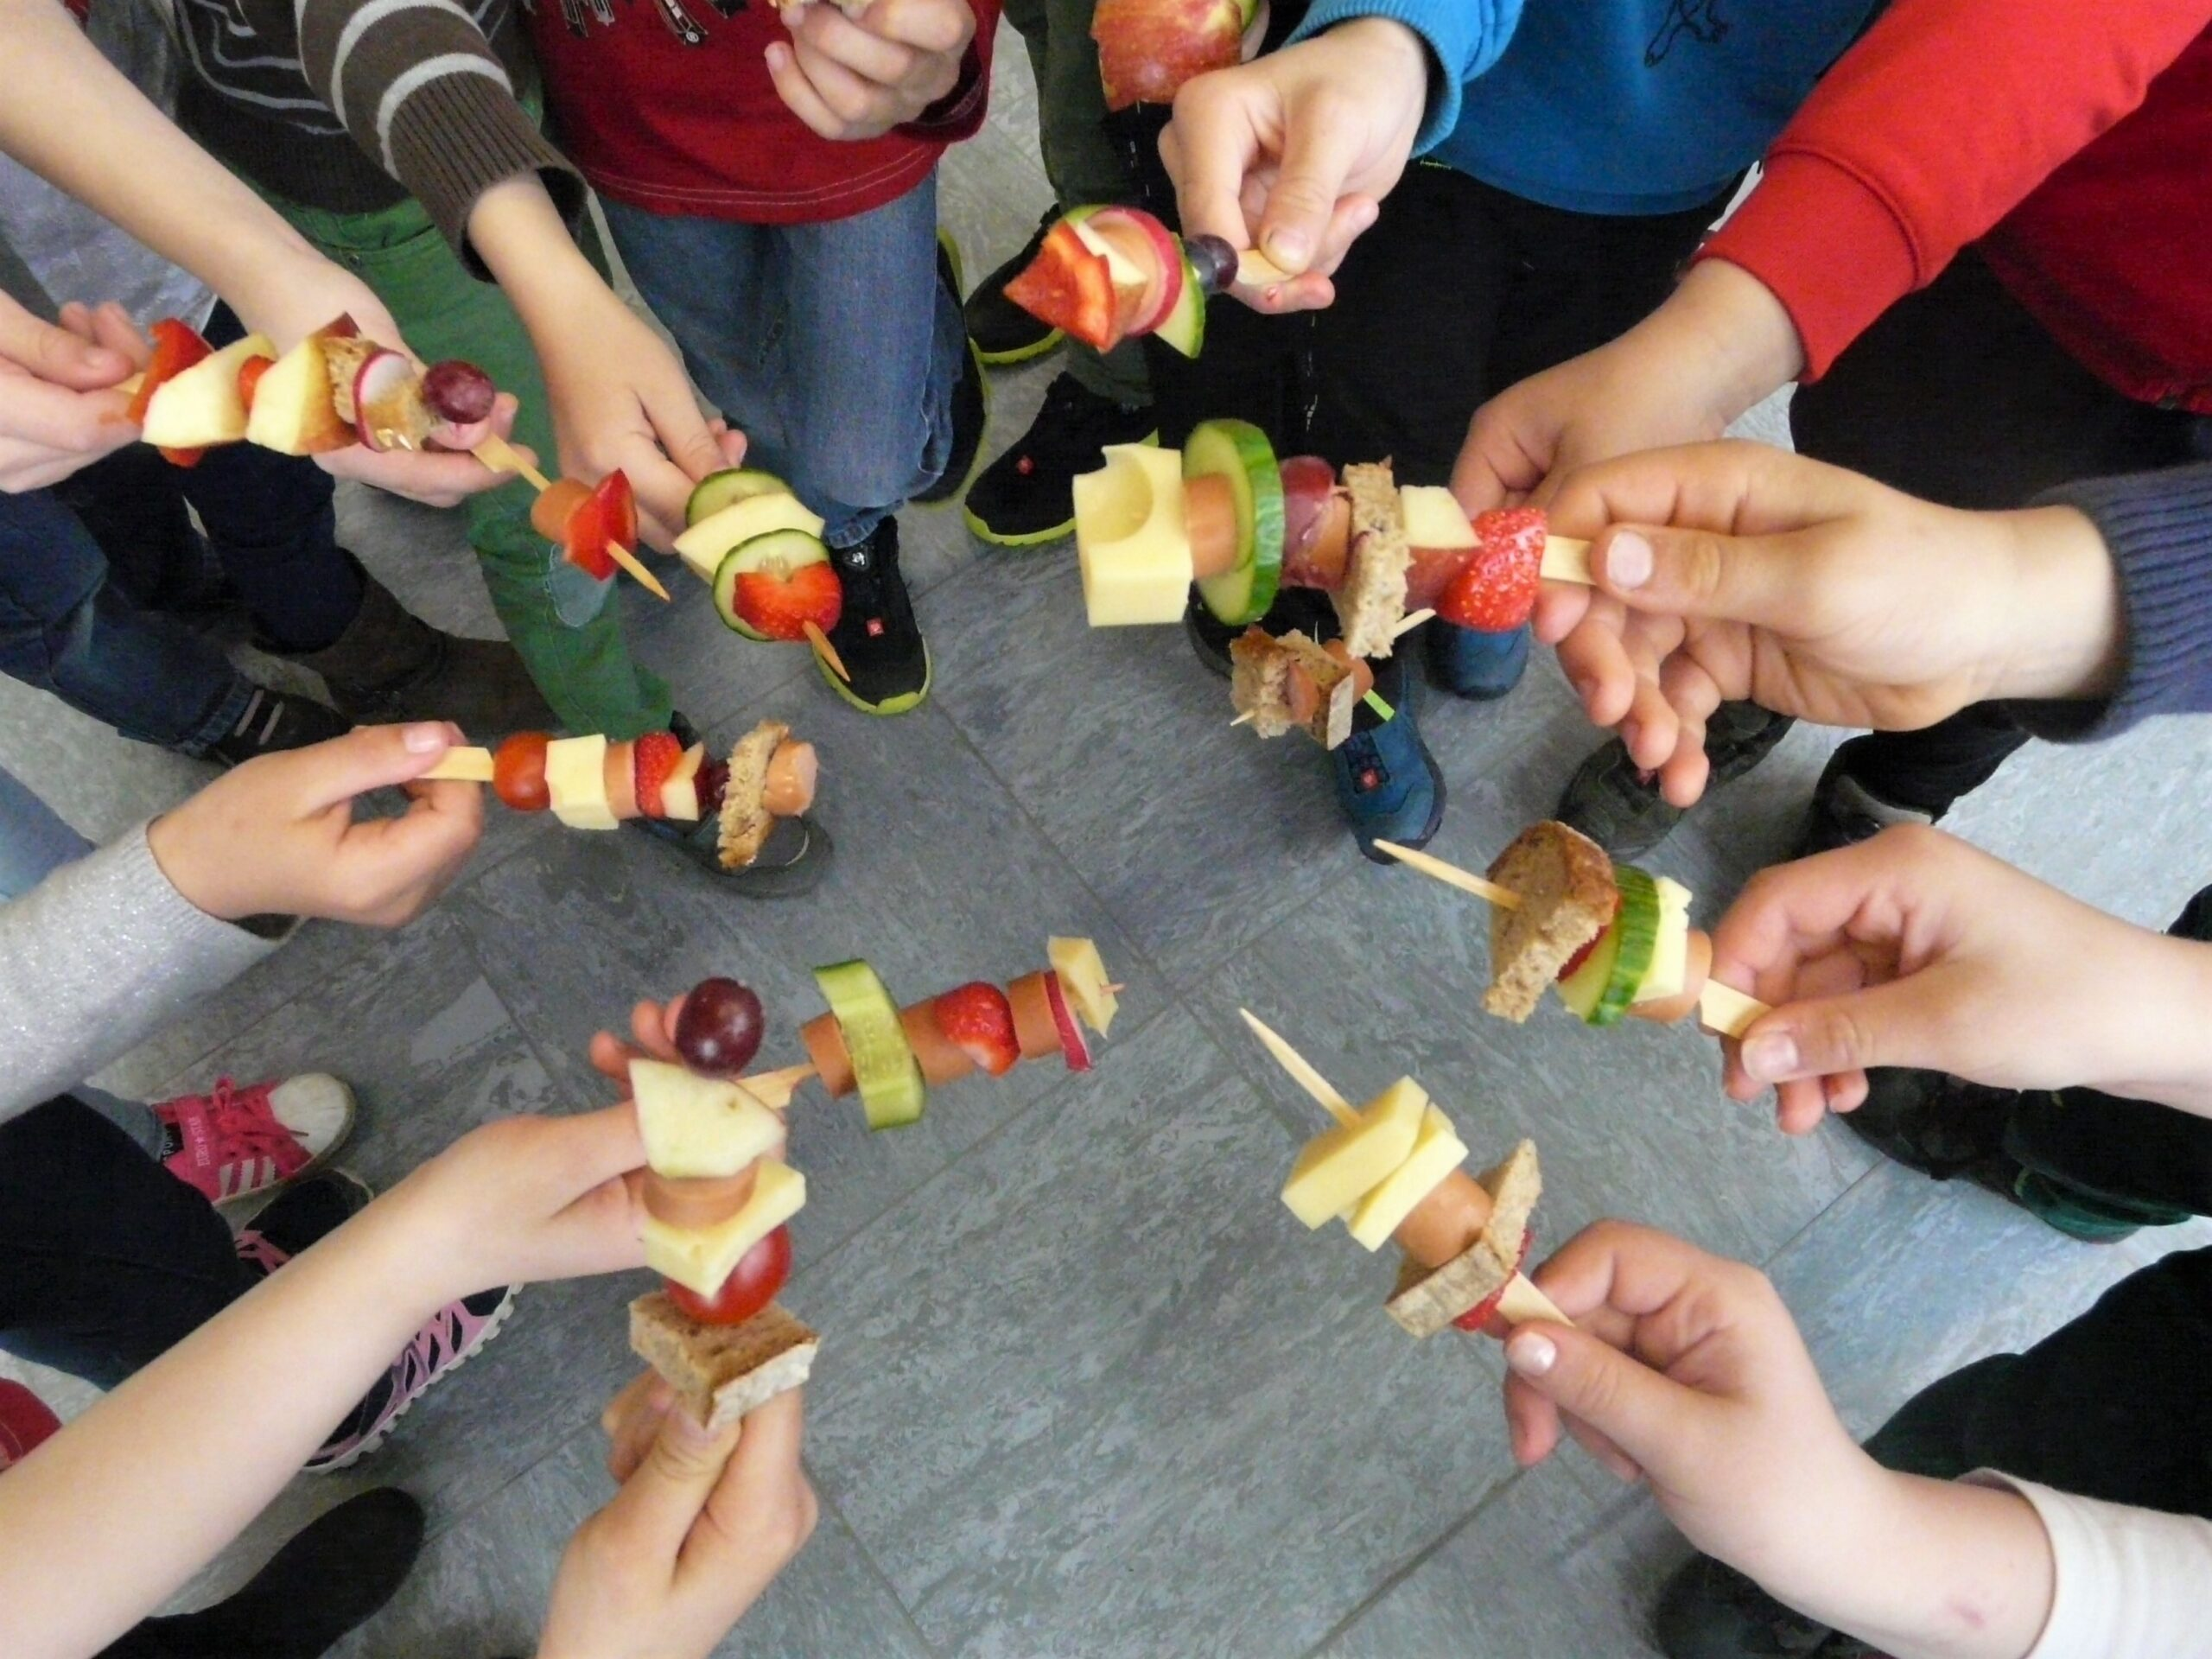 Gesundes Schulfrühstück- Kinder zeigen ihre selbstgemachten Spieße mit Obst, Gemüse, Brot, Käse und Wurst